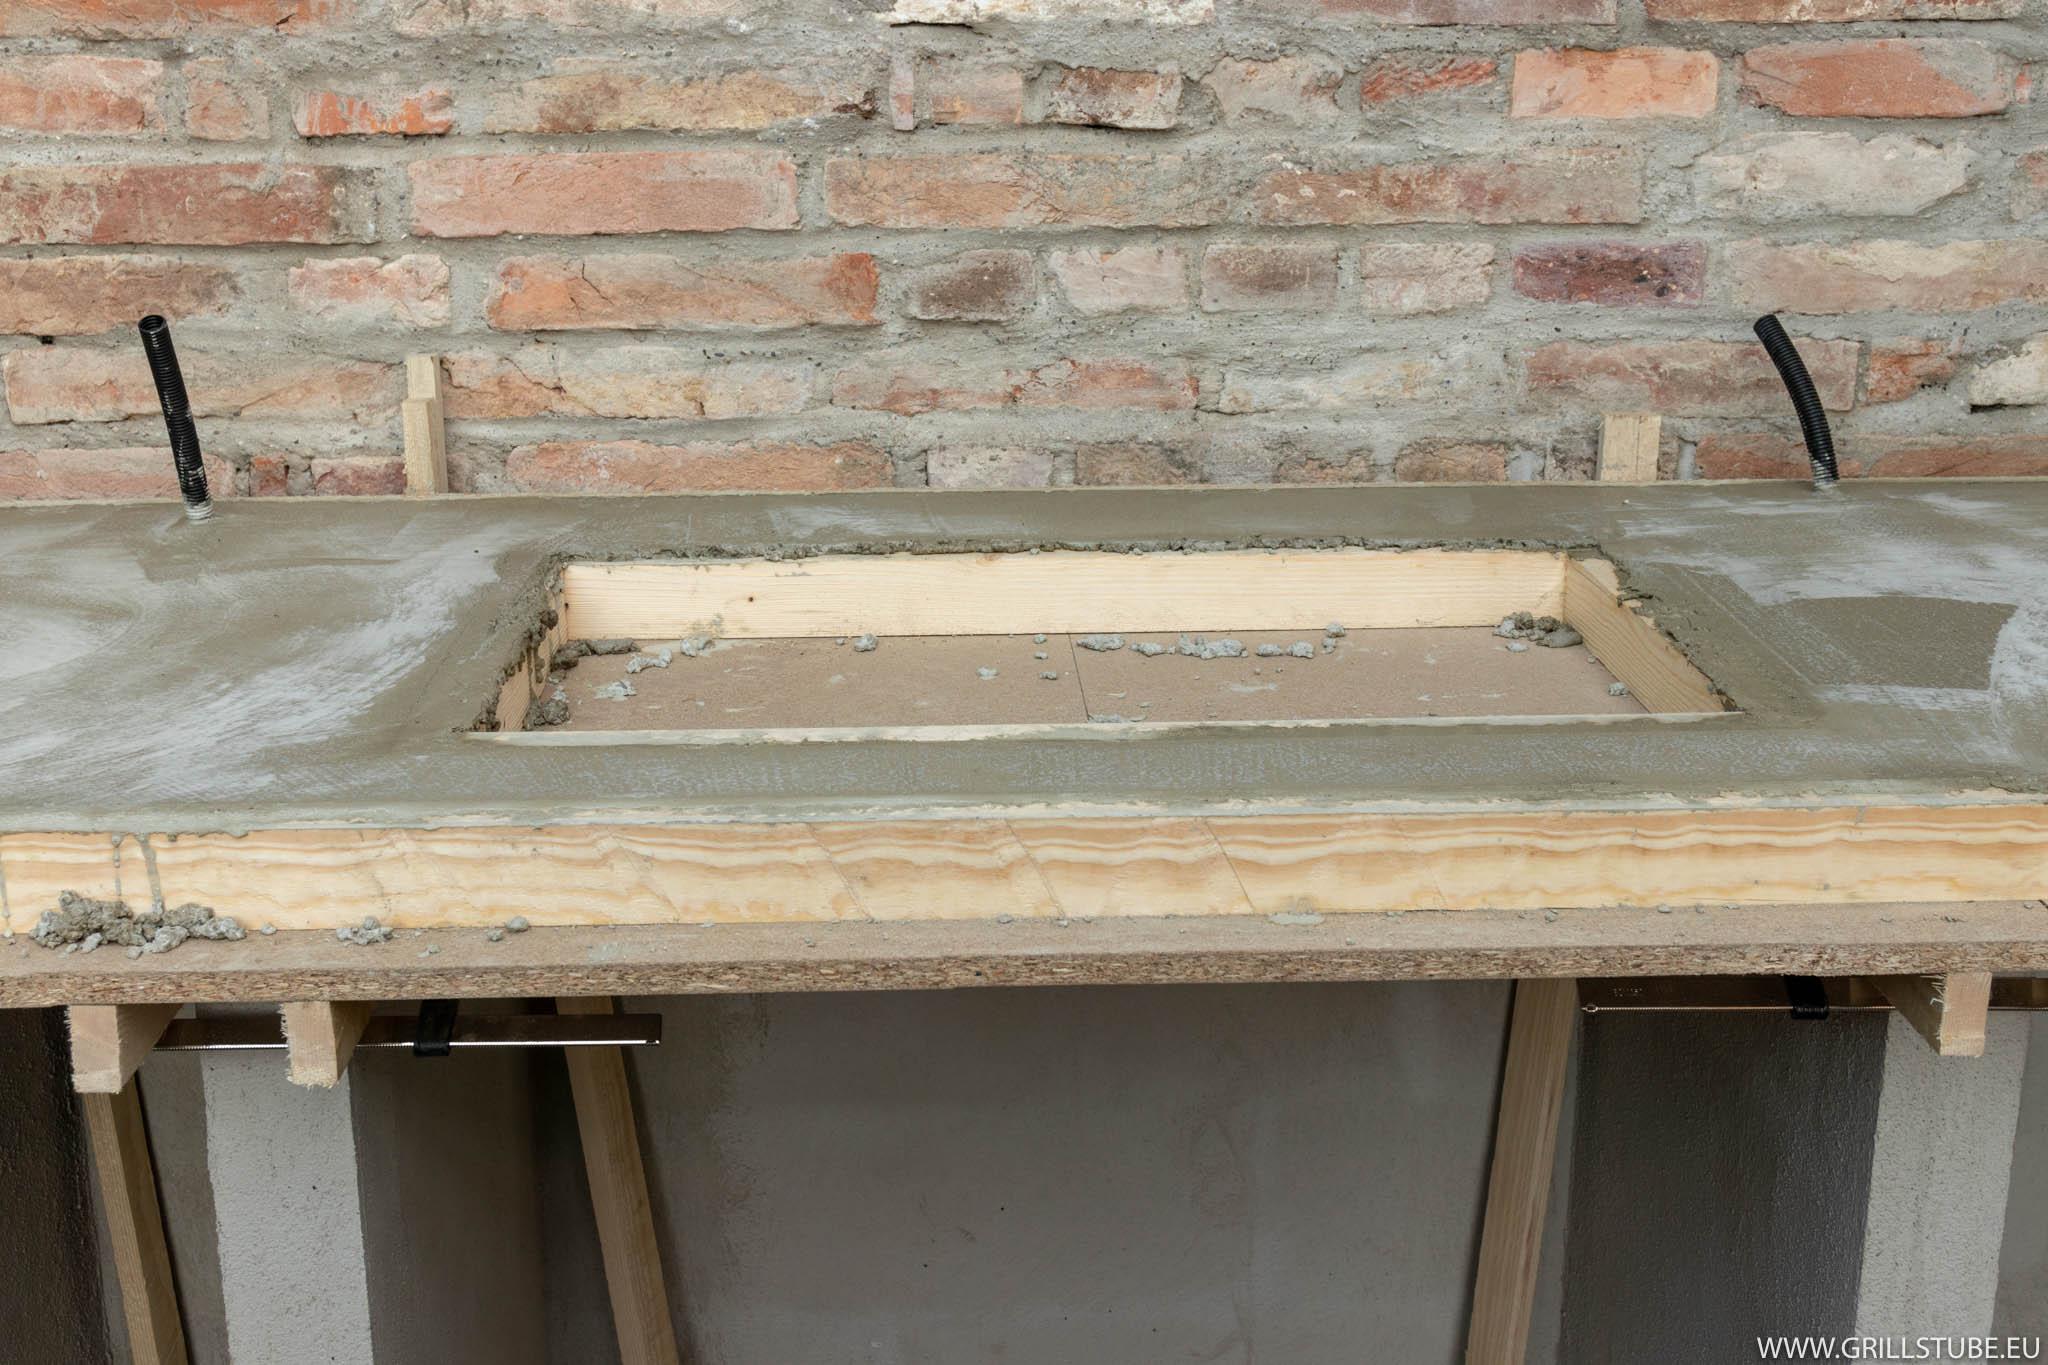 Outdoorküche Arbeitsplatte Test : Projekt outdoorküche teil die arbeitsplatte verschalung und